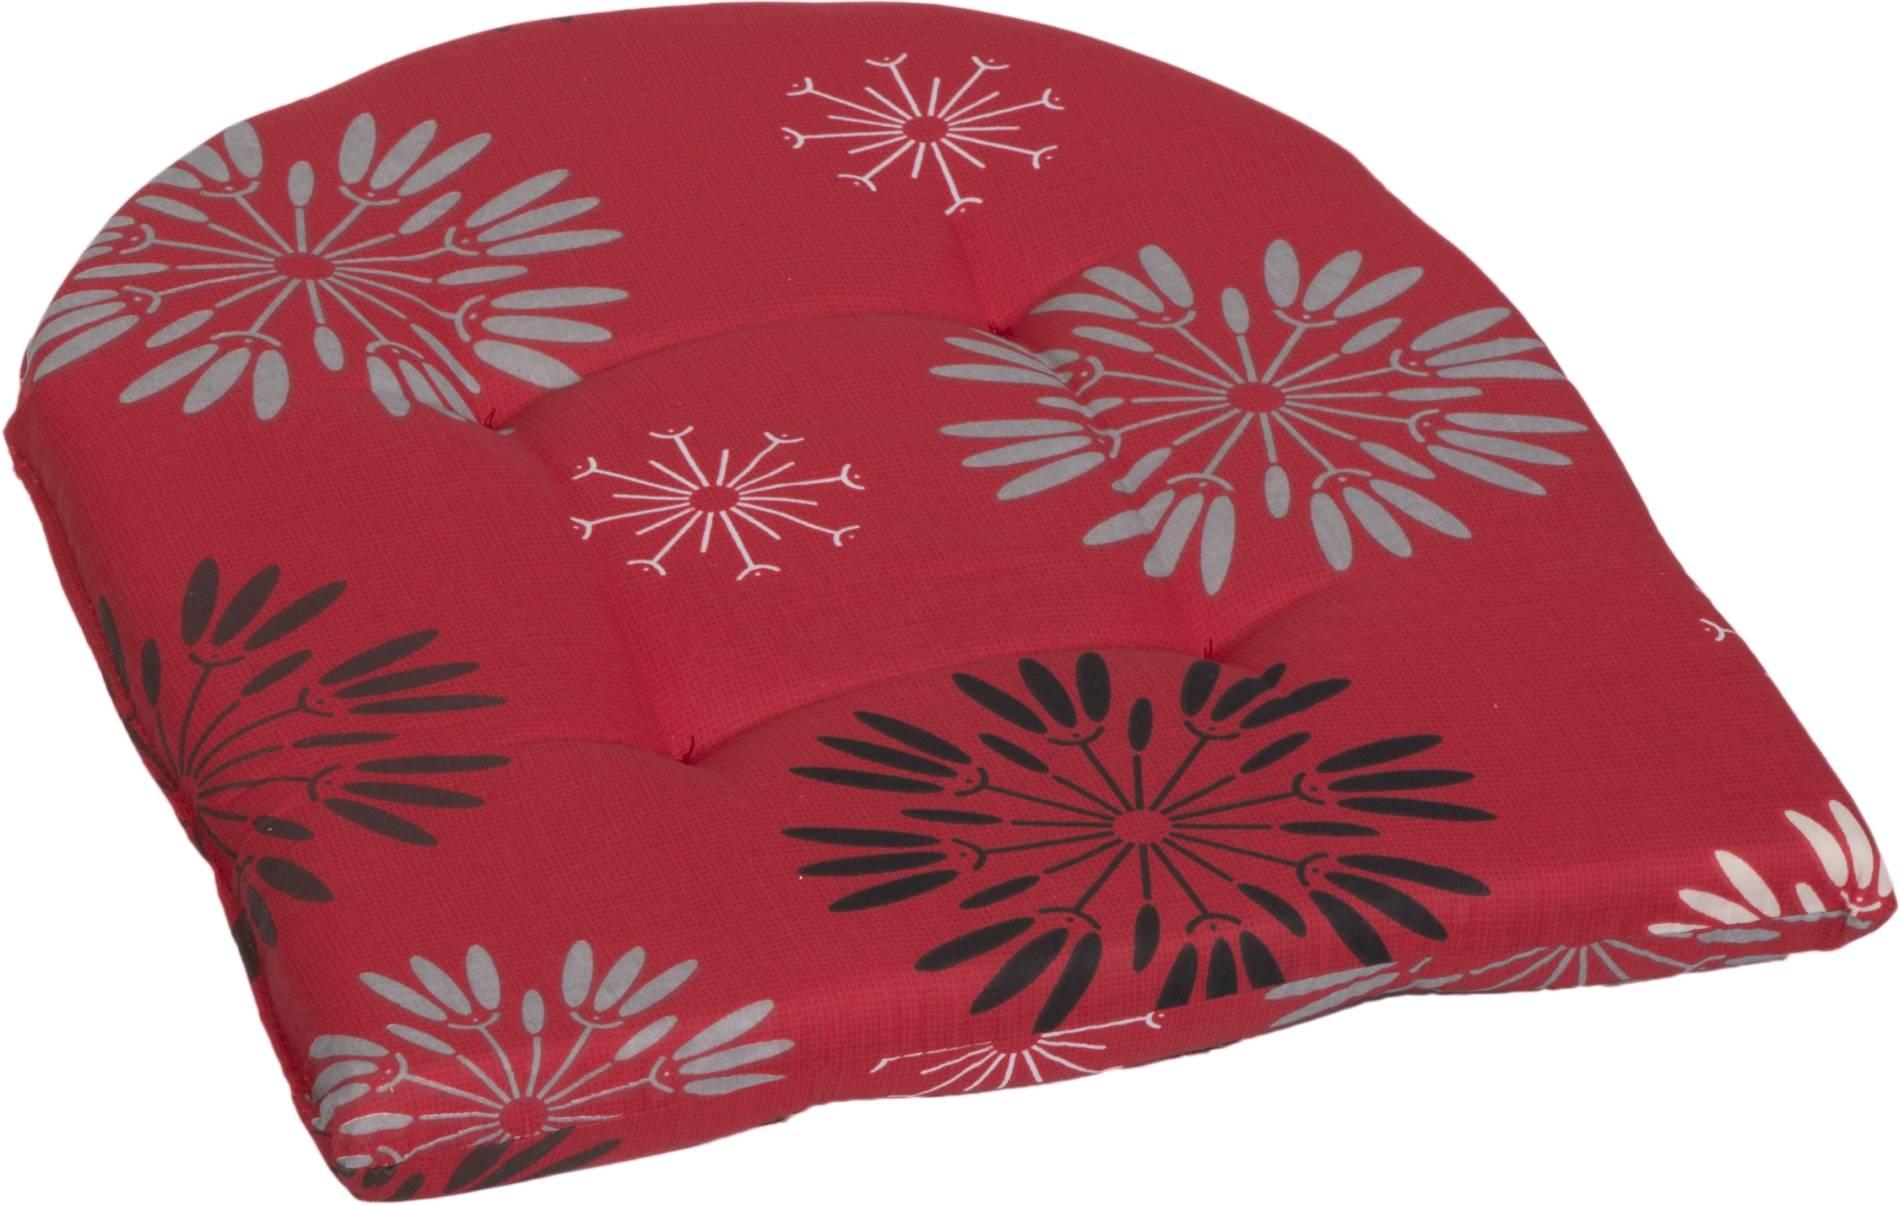 Abgerundetes Stuhlkissen ca. 41 x 41 cm in Pusteblume rot M301